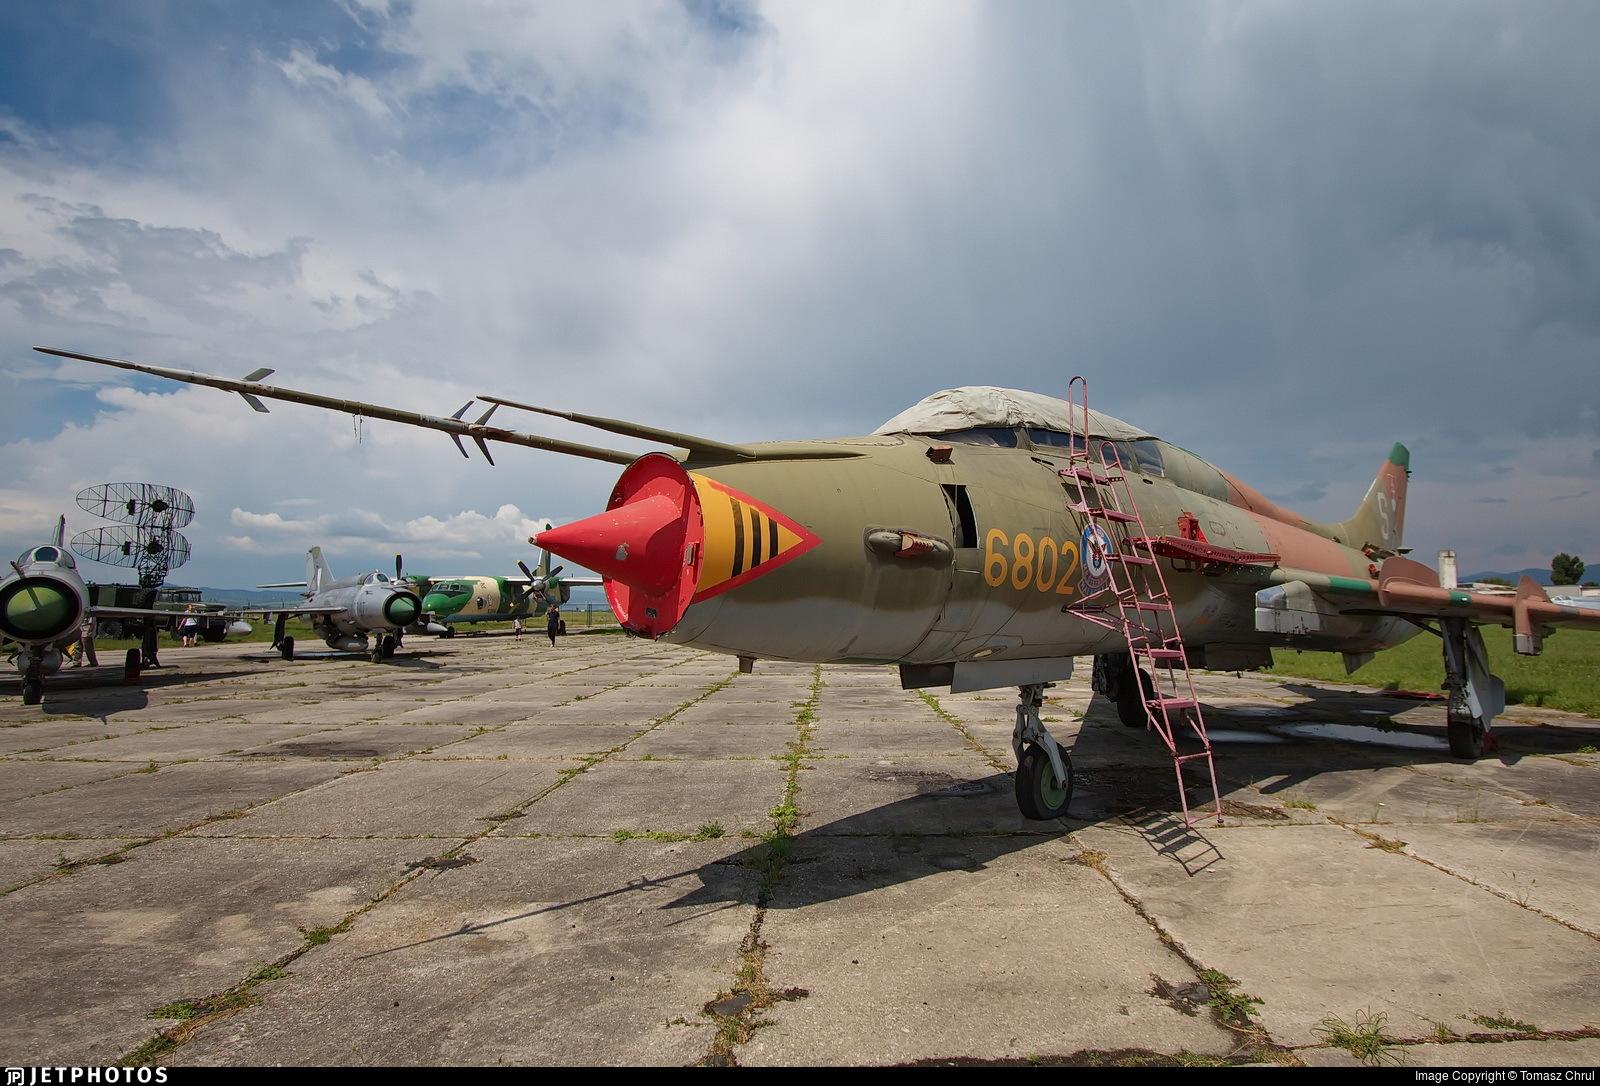 6802 - Sukhoi Su-22UM Fitter - Slovakia - Air Force